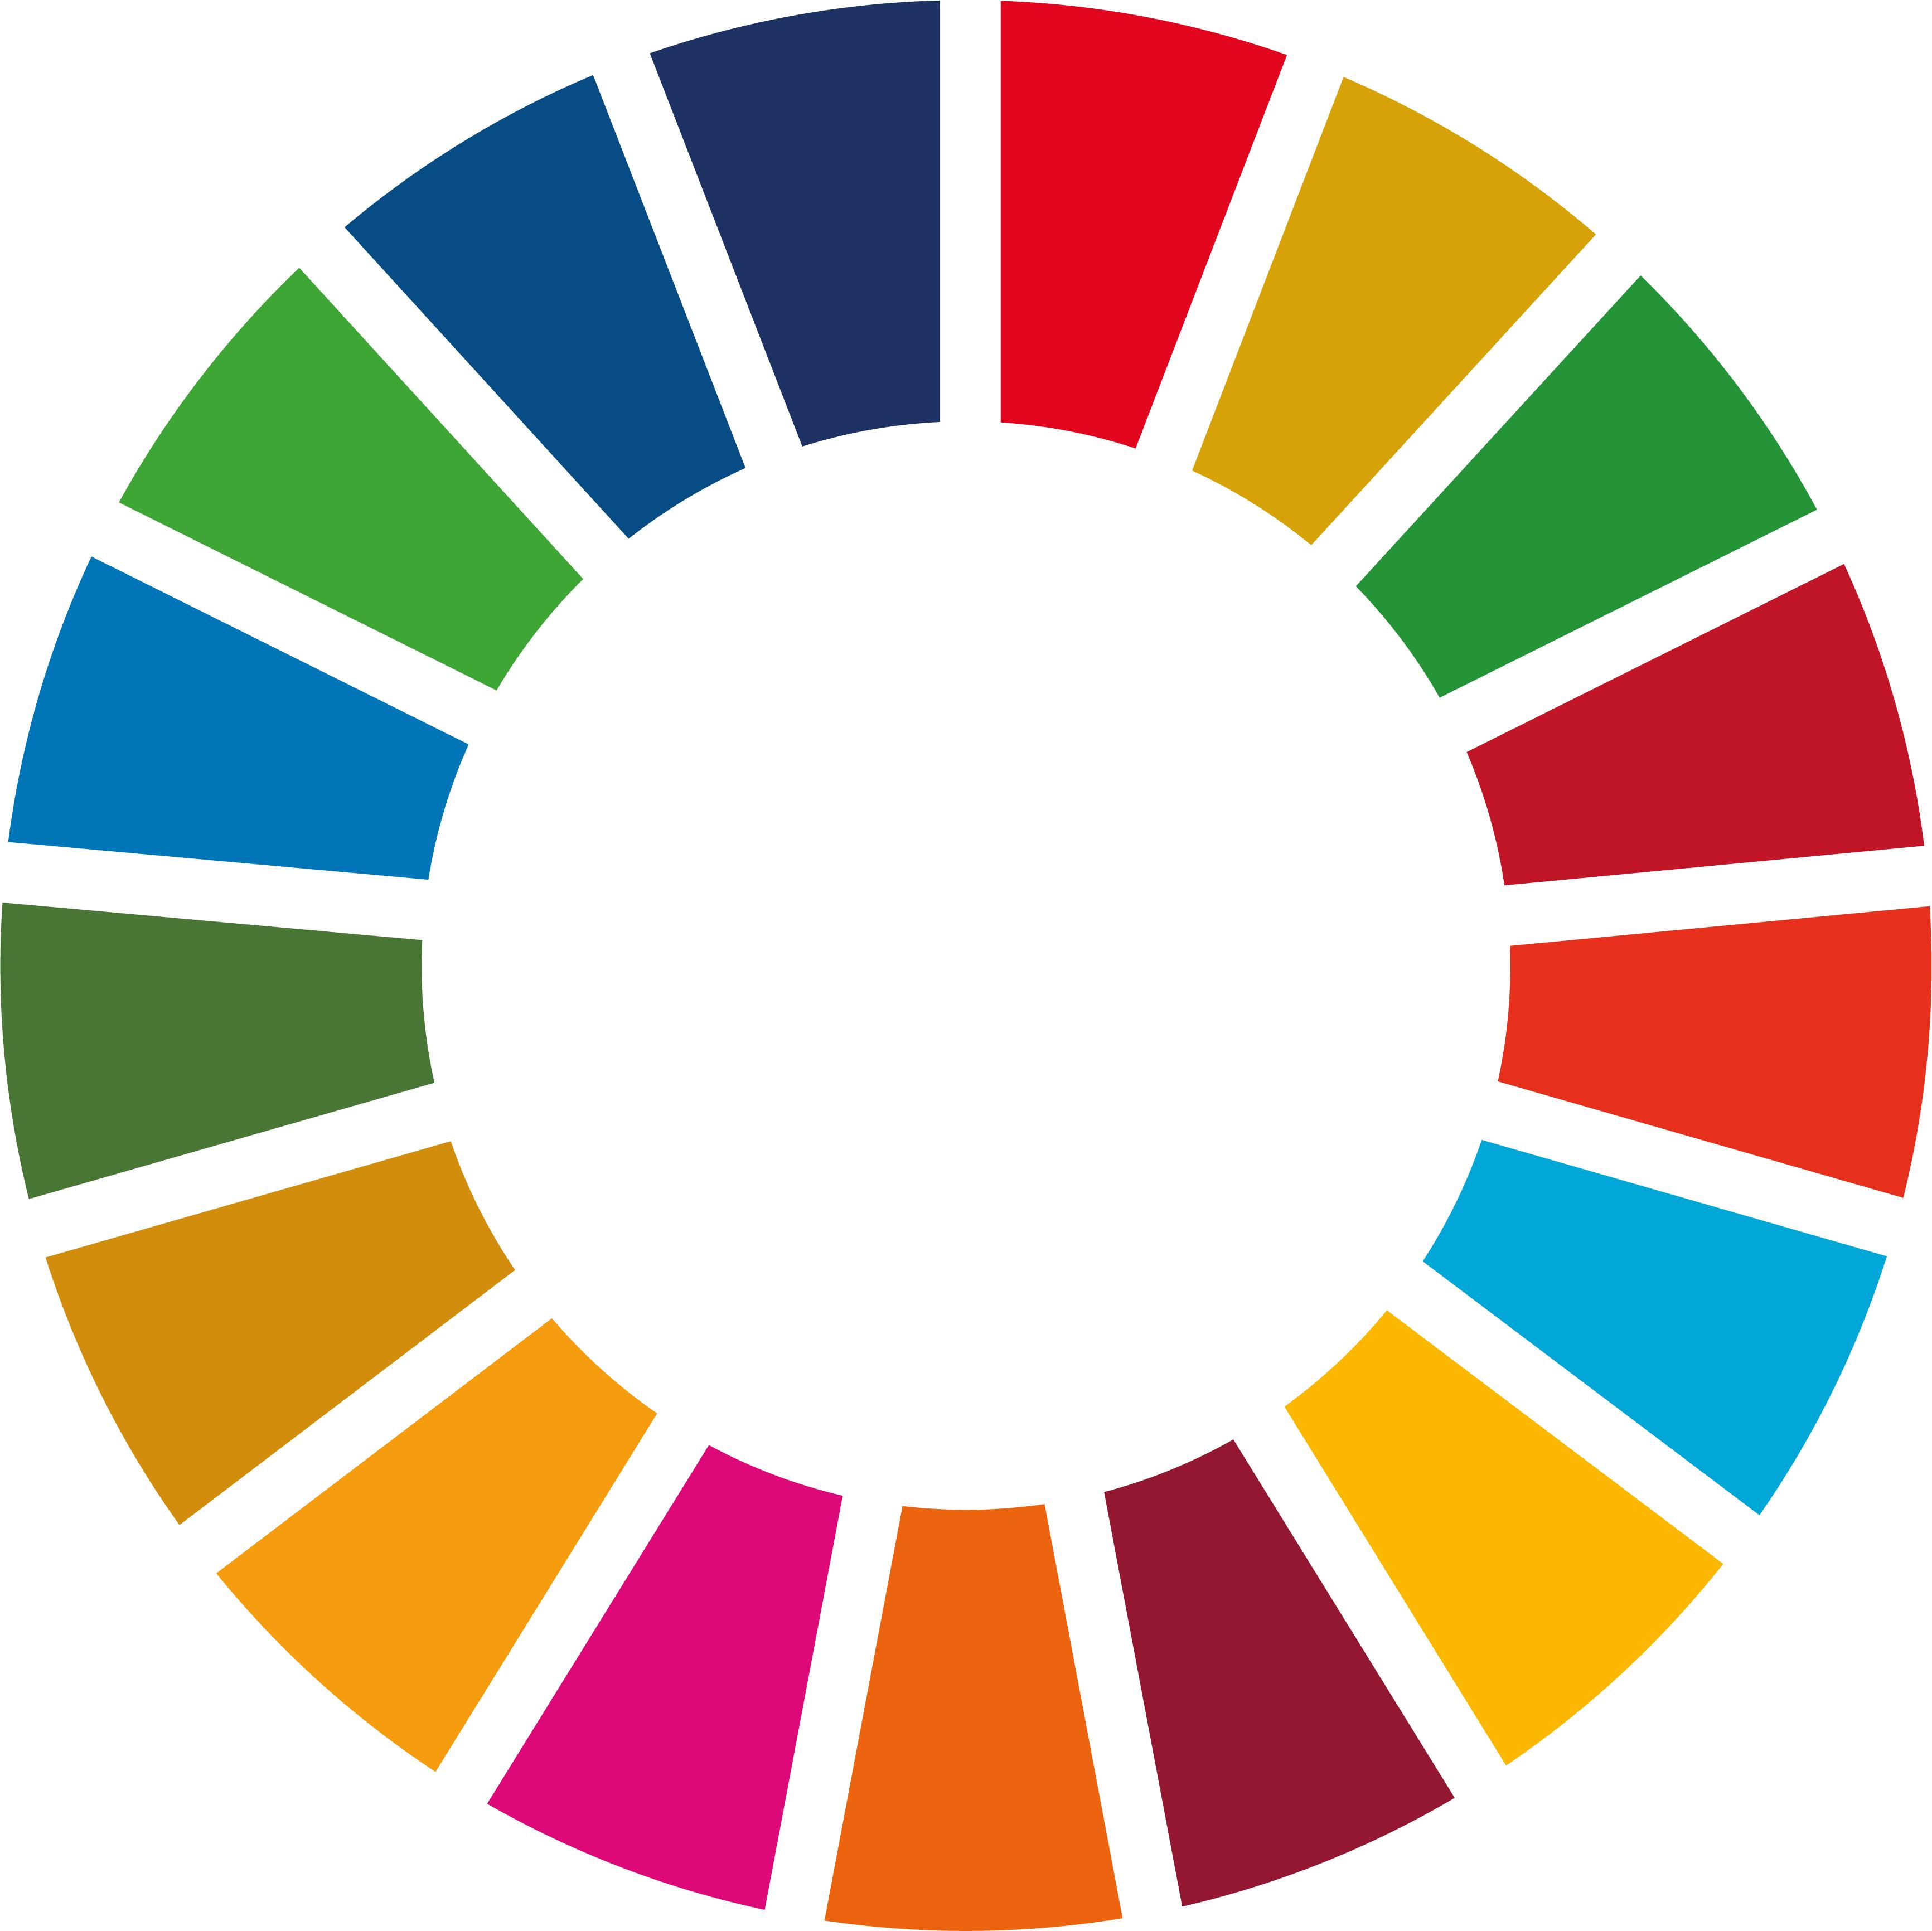 Ein Kreis mit 17 verschiedenen Farben, die tortenförmig angeordnet sind.